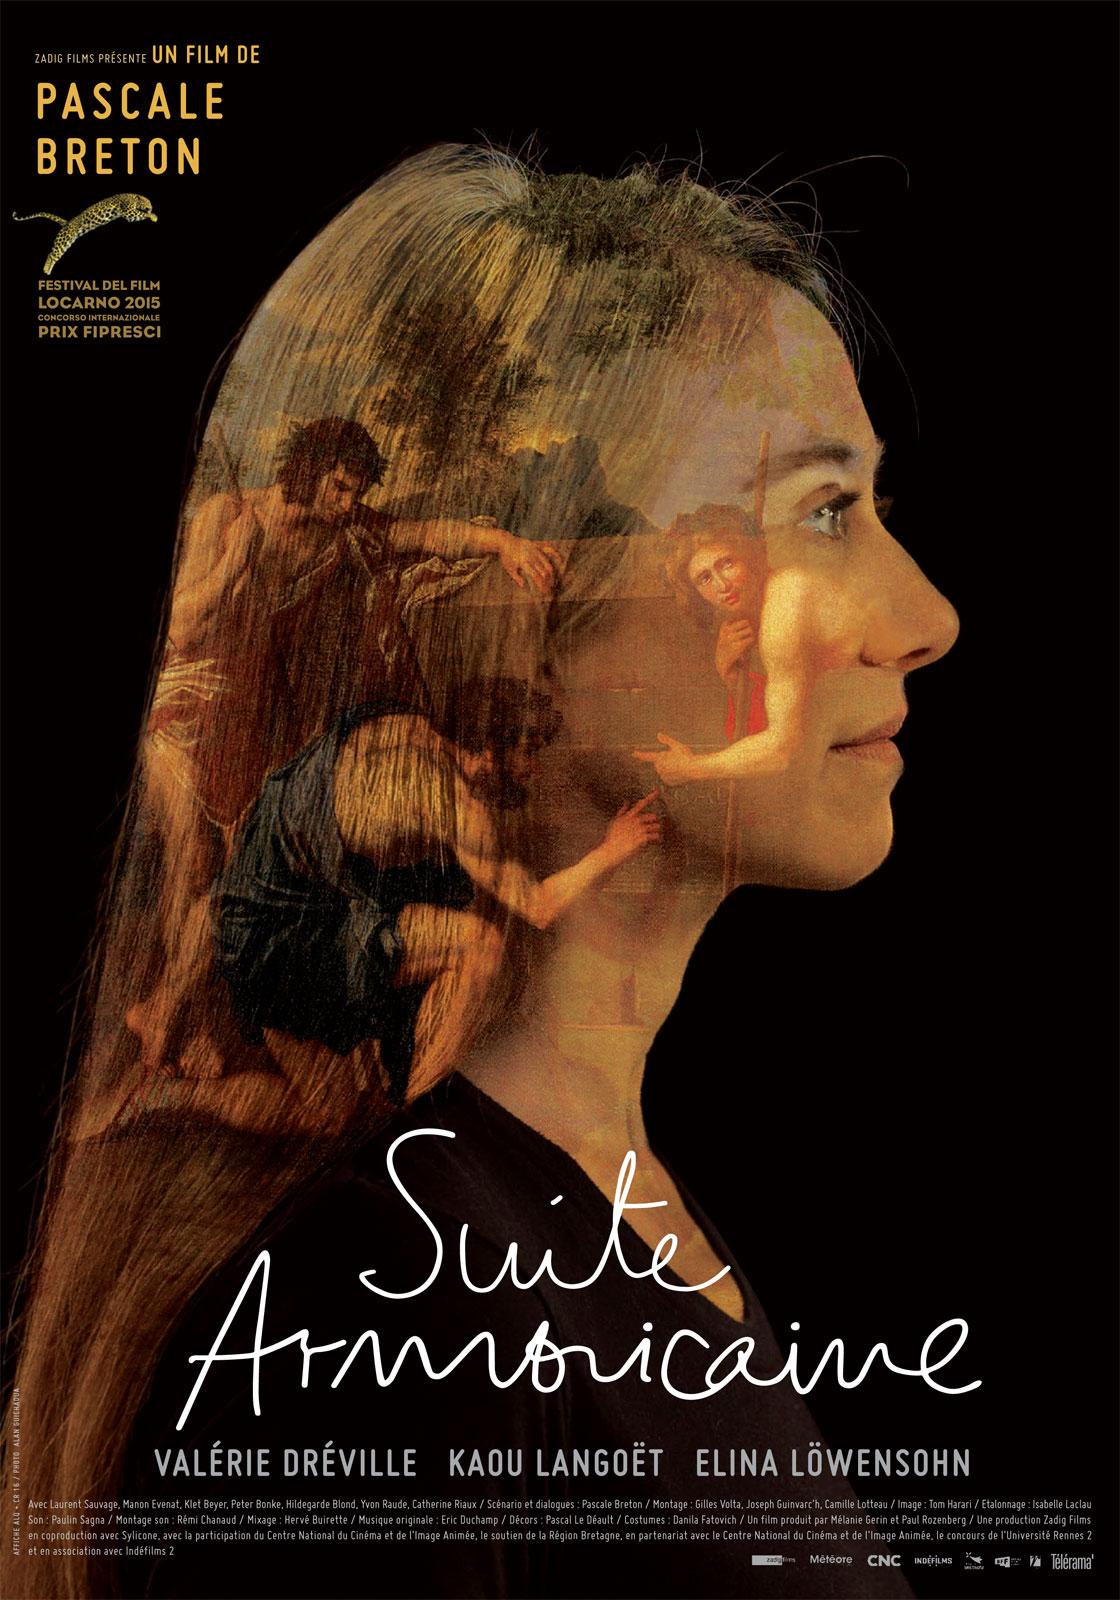 Affiche de Suite armoricaine, de Pascale Breton (2015).